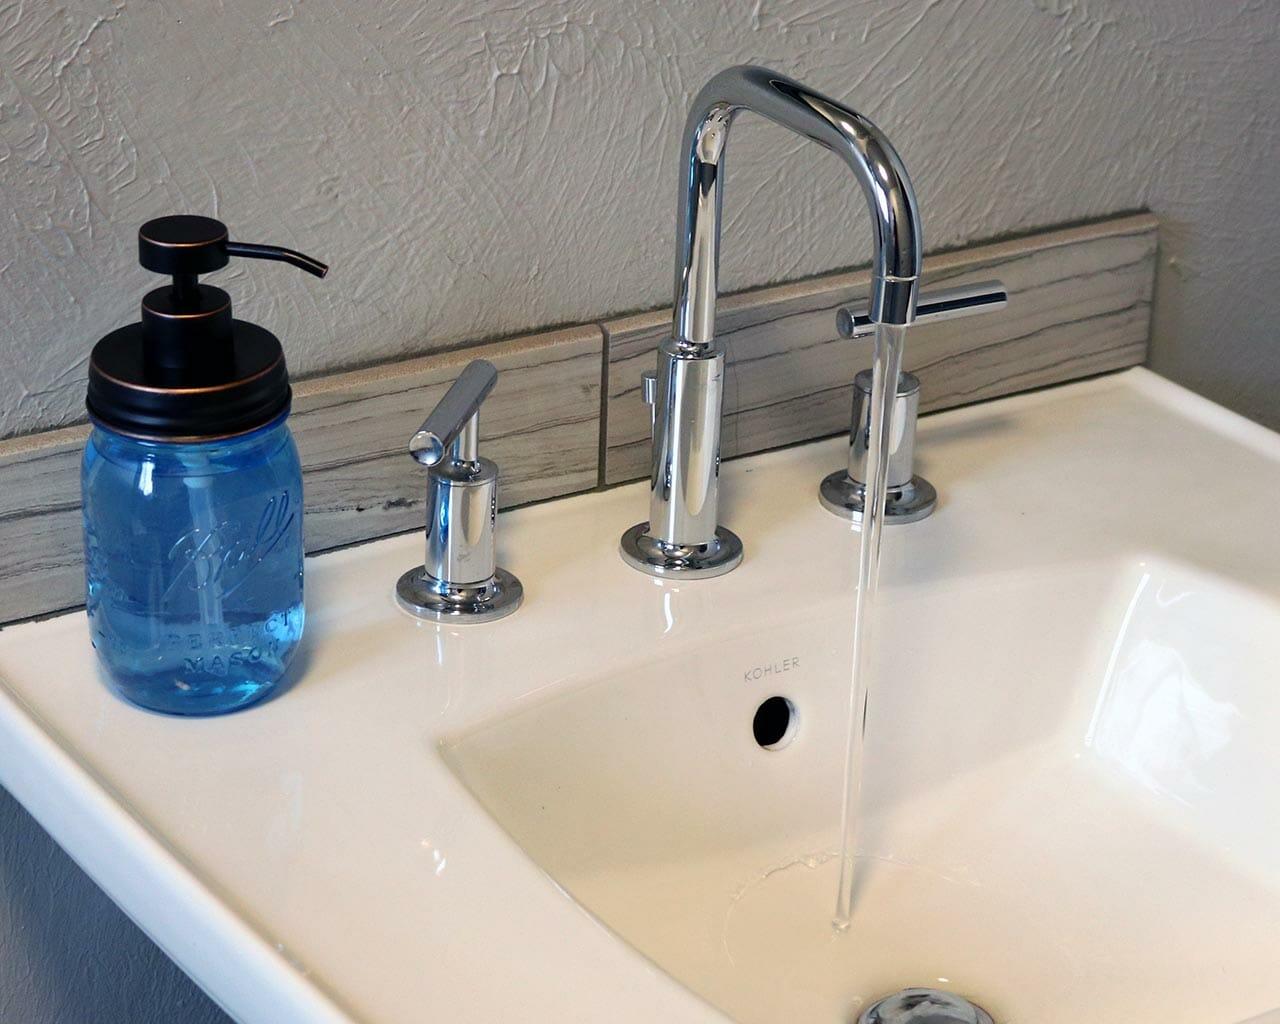 Kitchen Sink Faucet Soap Pump Dispenser Oil Rubbed Bronze